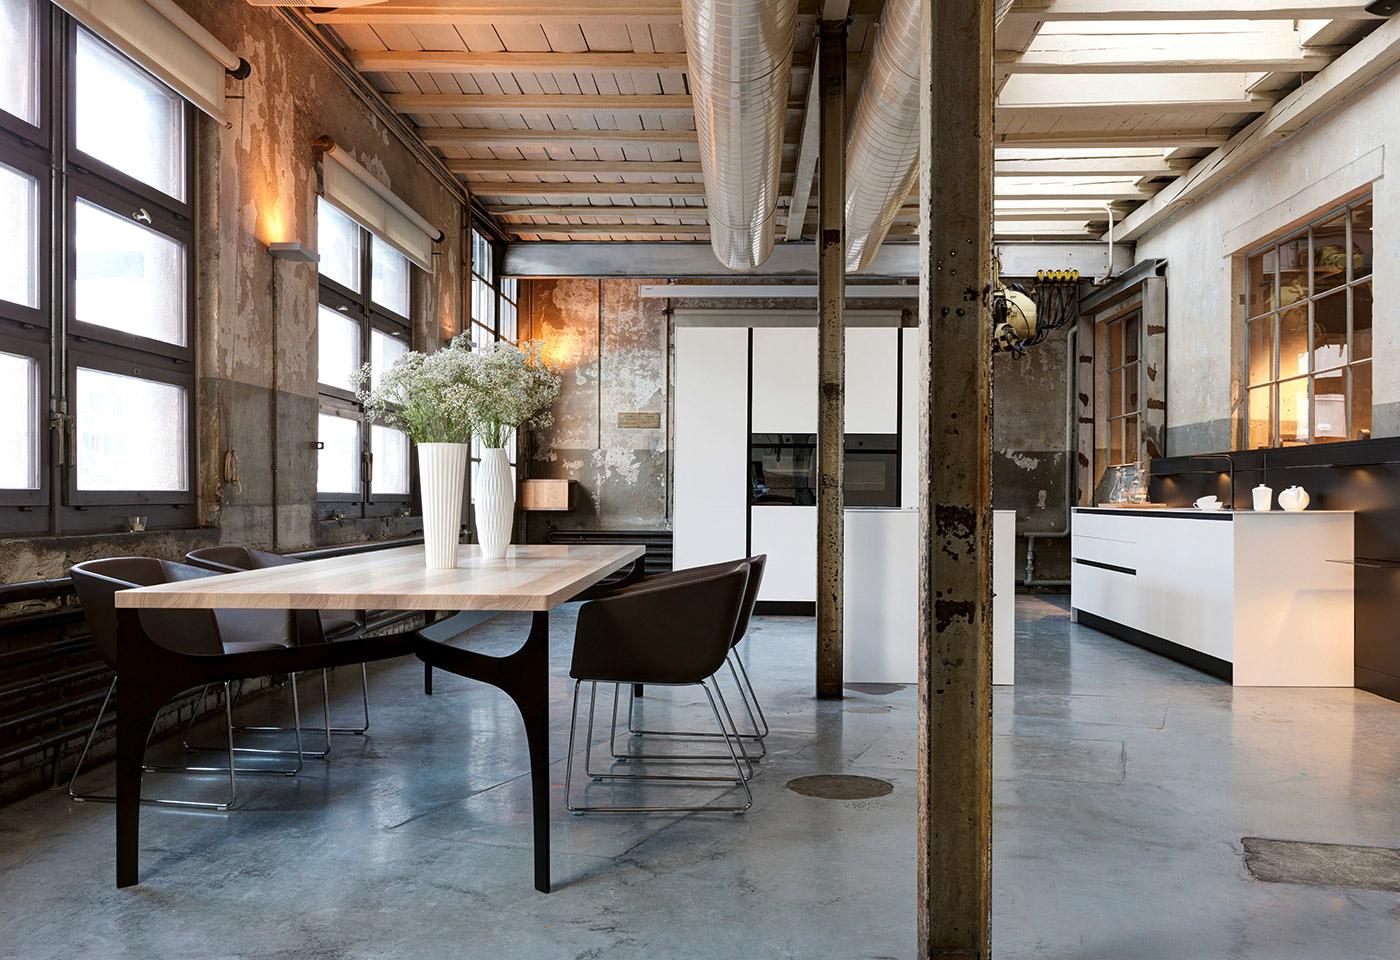 Qualitativ hochwertiger Esstisch und Stühle runden die zeitlose Küche ab.